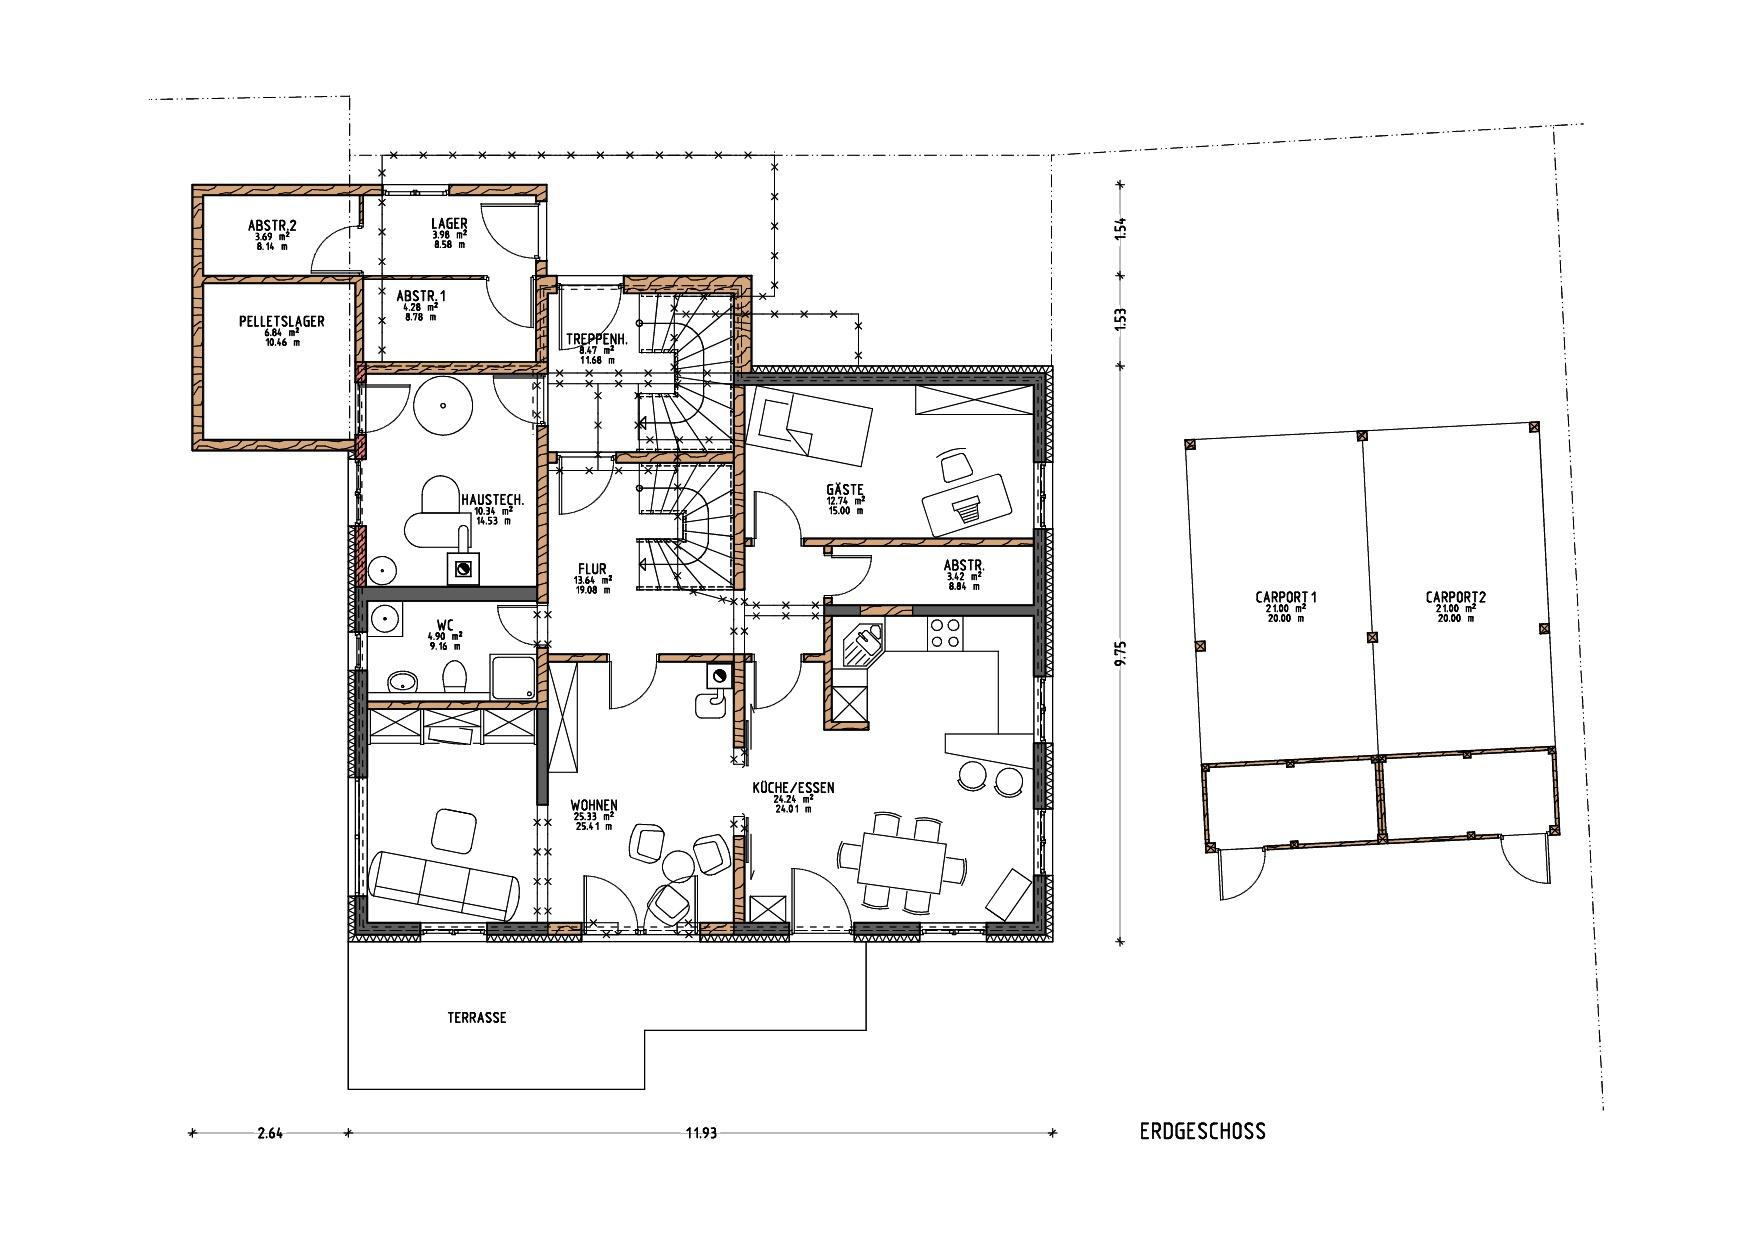 Grundriss, Erdgeschoss, Umbau und energetische Sanierung MFH in Grünenbach